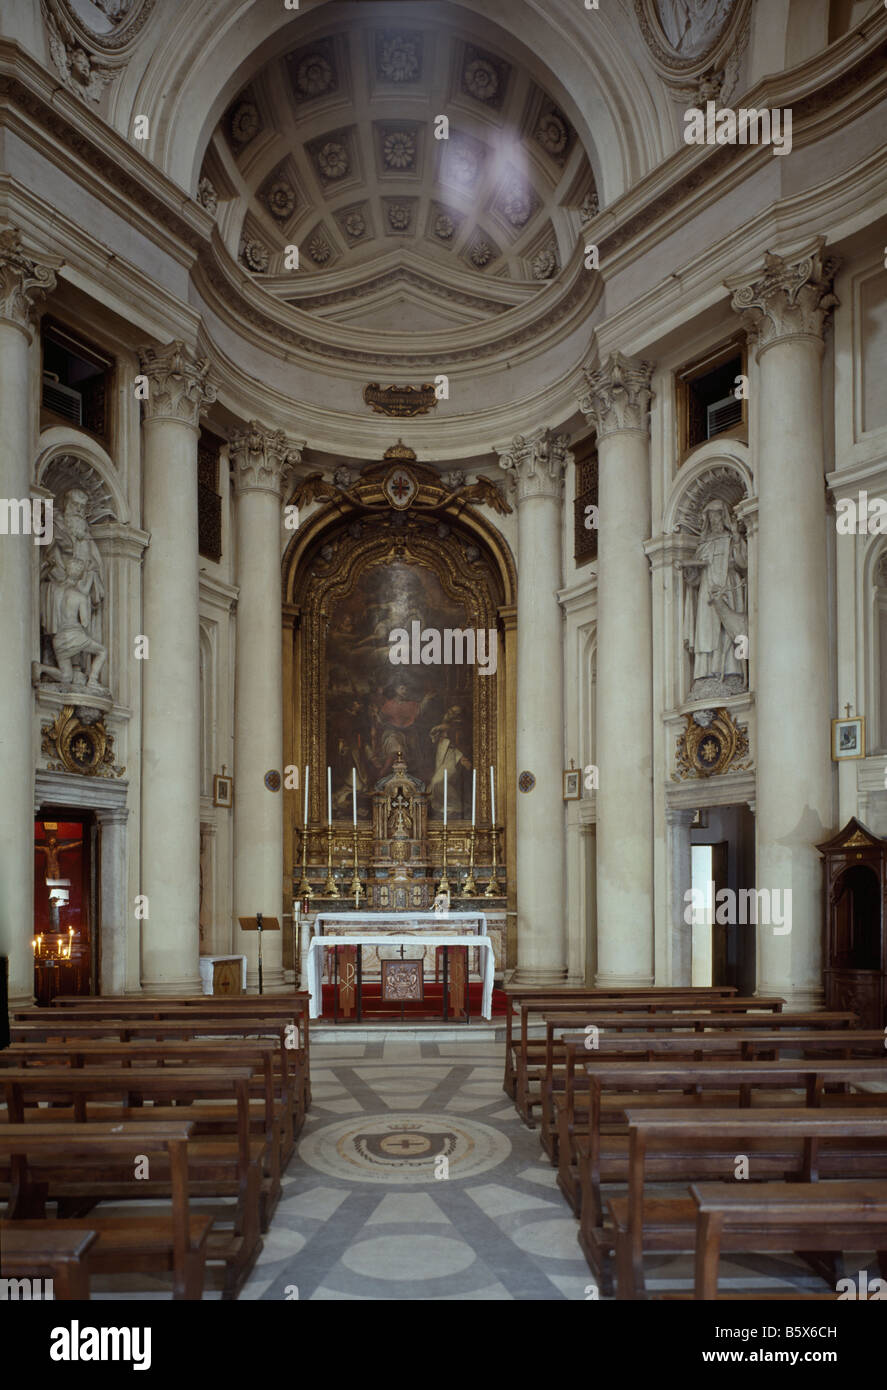 San Carlino Rome - Stock Image